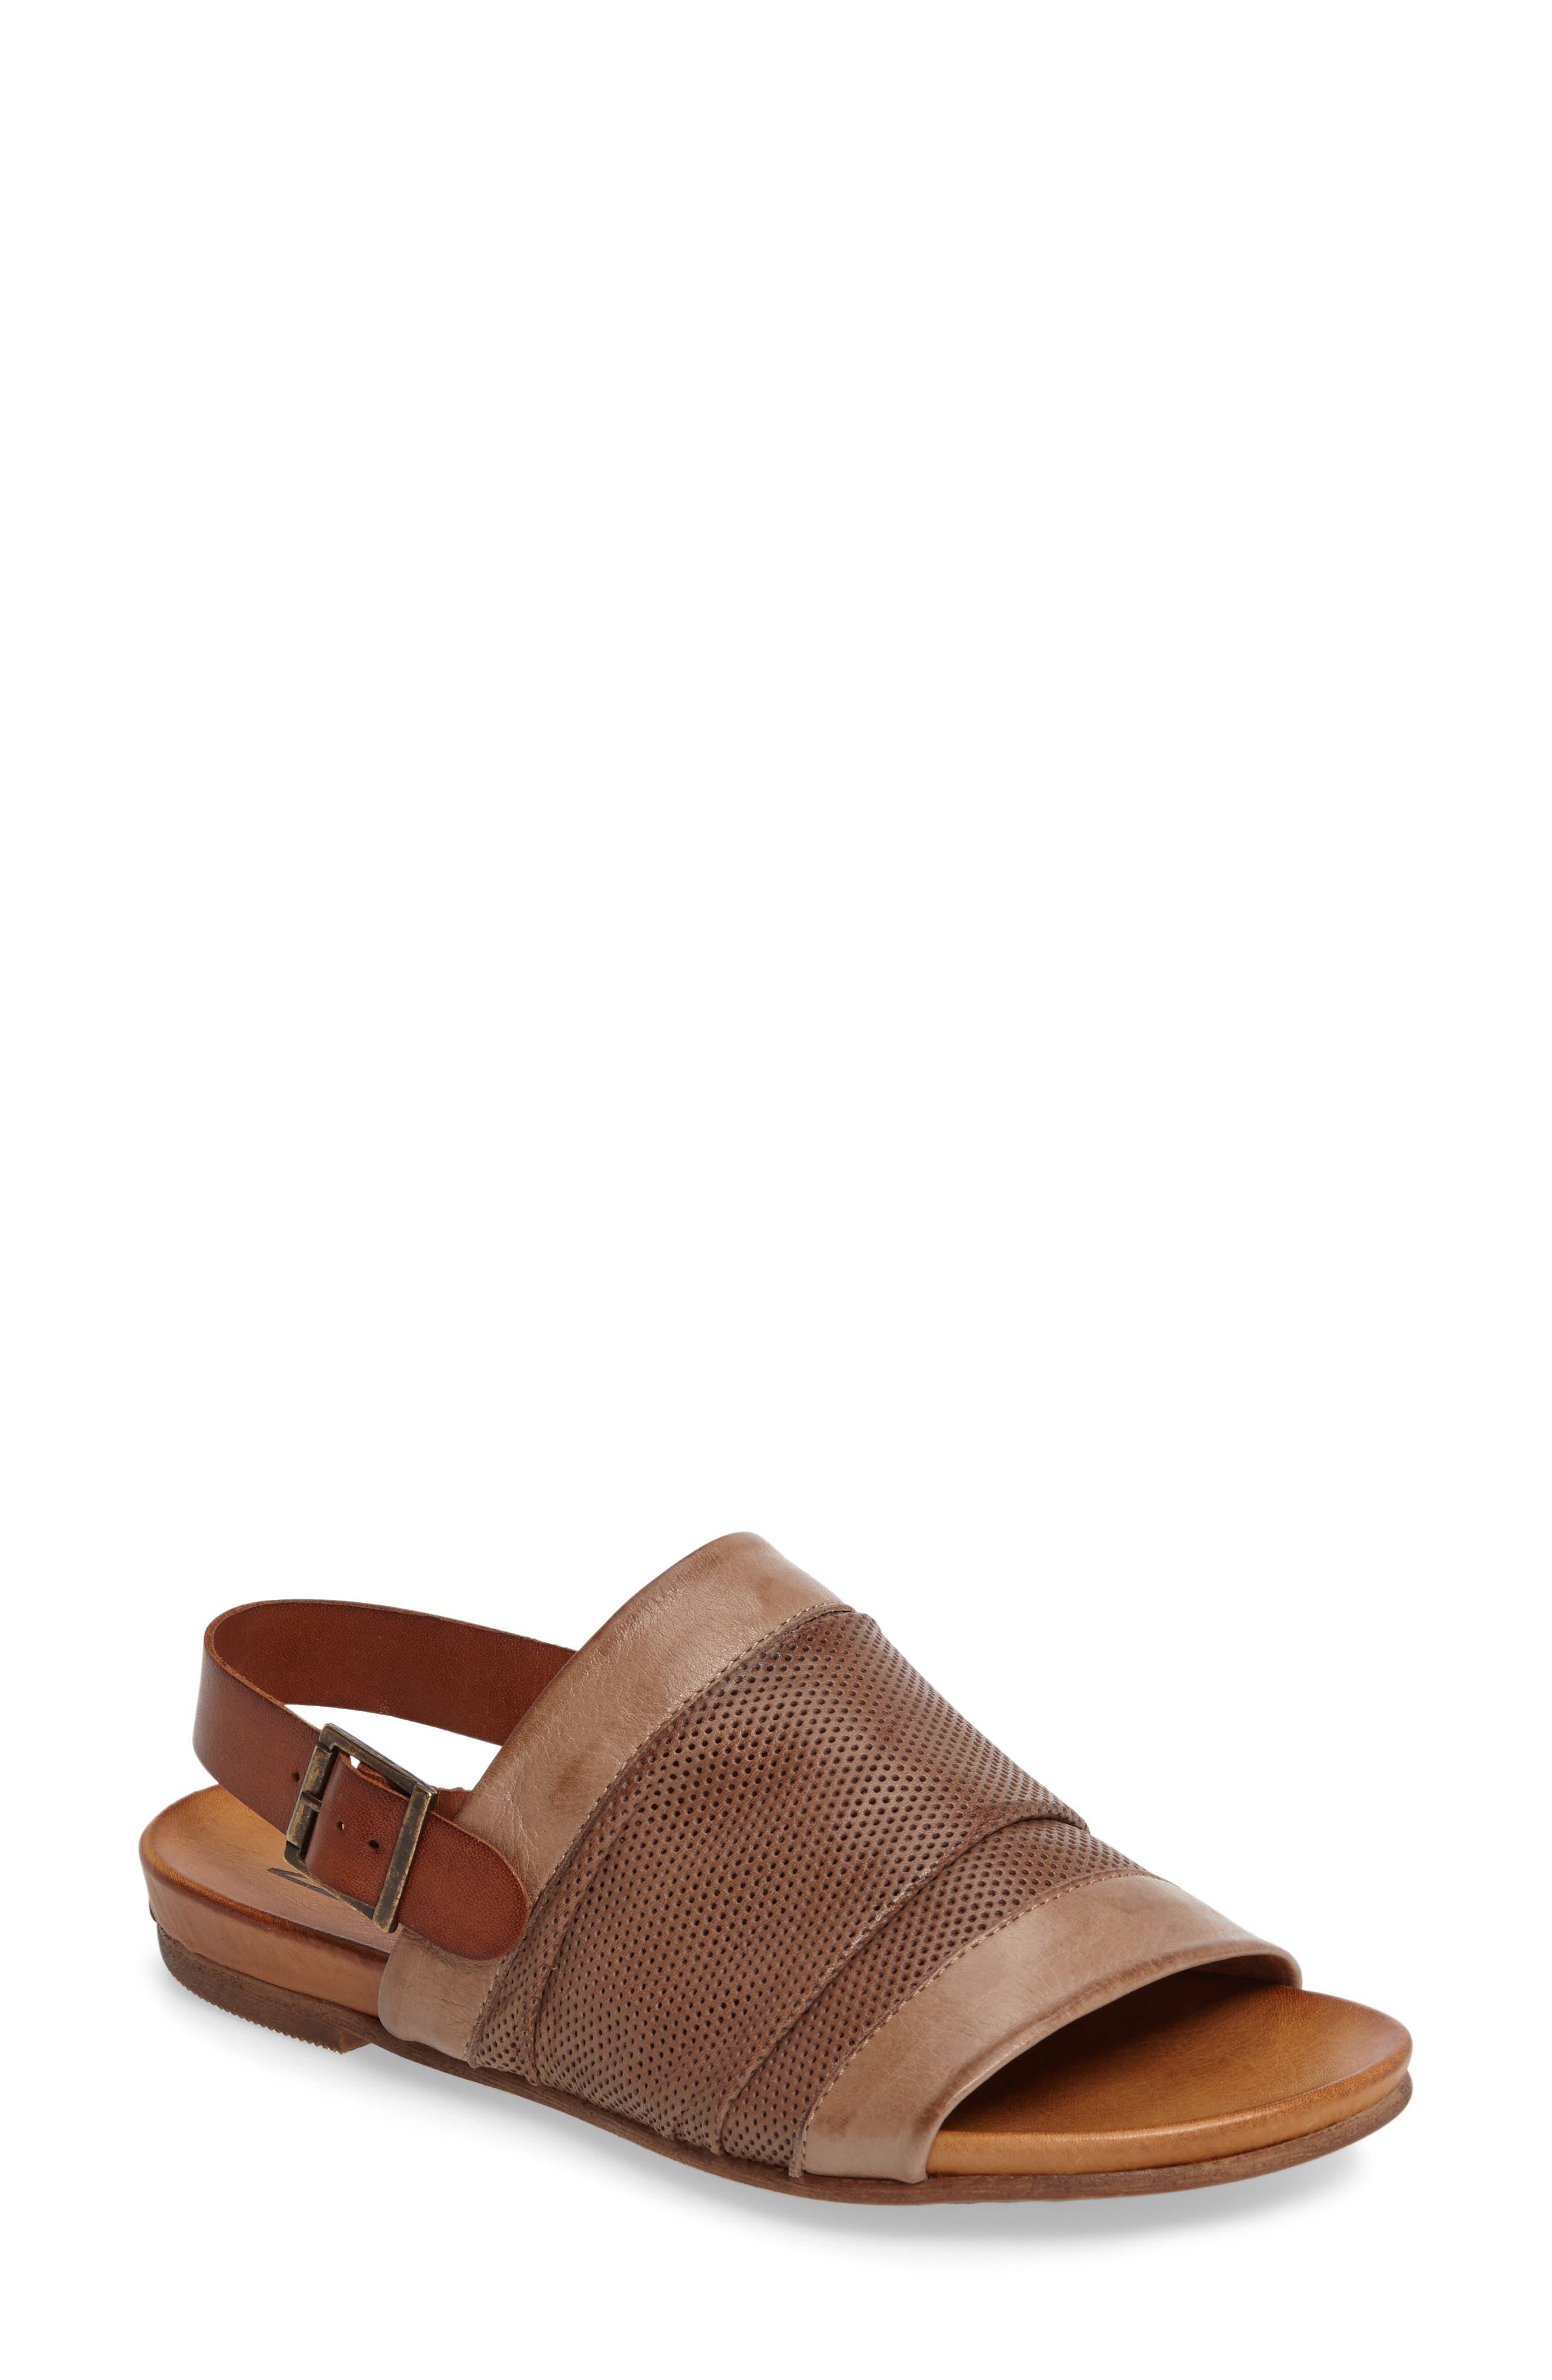 Miz Mooz Abbey Sandal (Women)